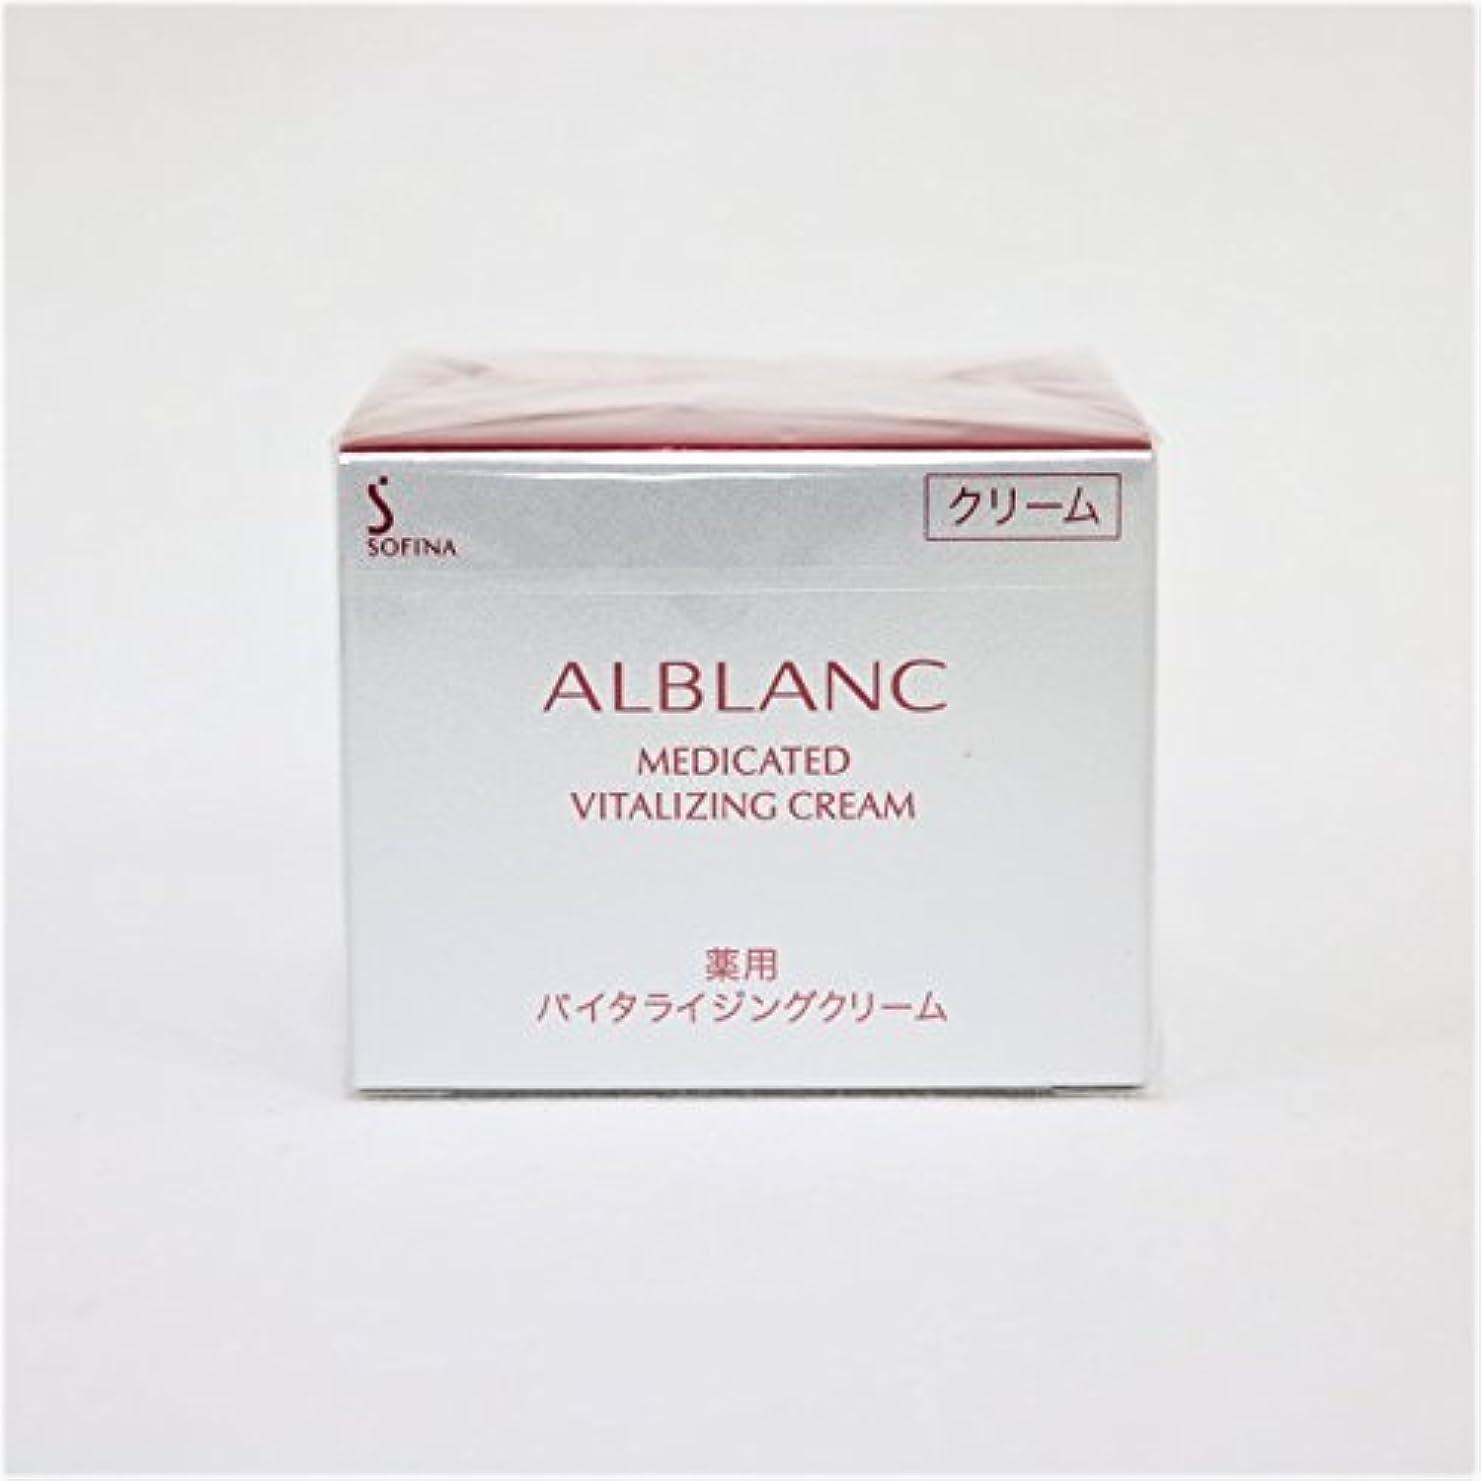 アドバイス歌咳ソフィーナ アルブラン 薬用バイタライジングクリーム 40g